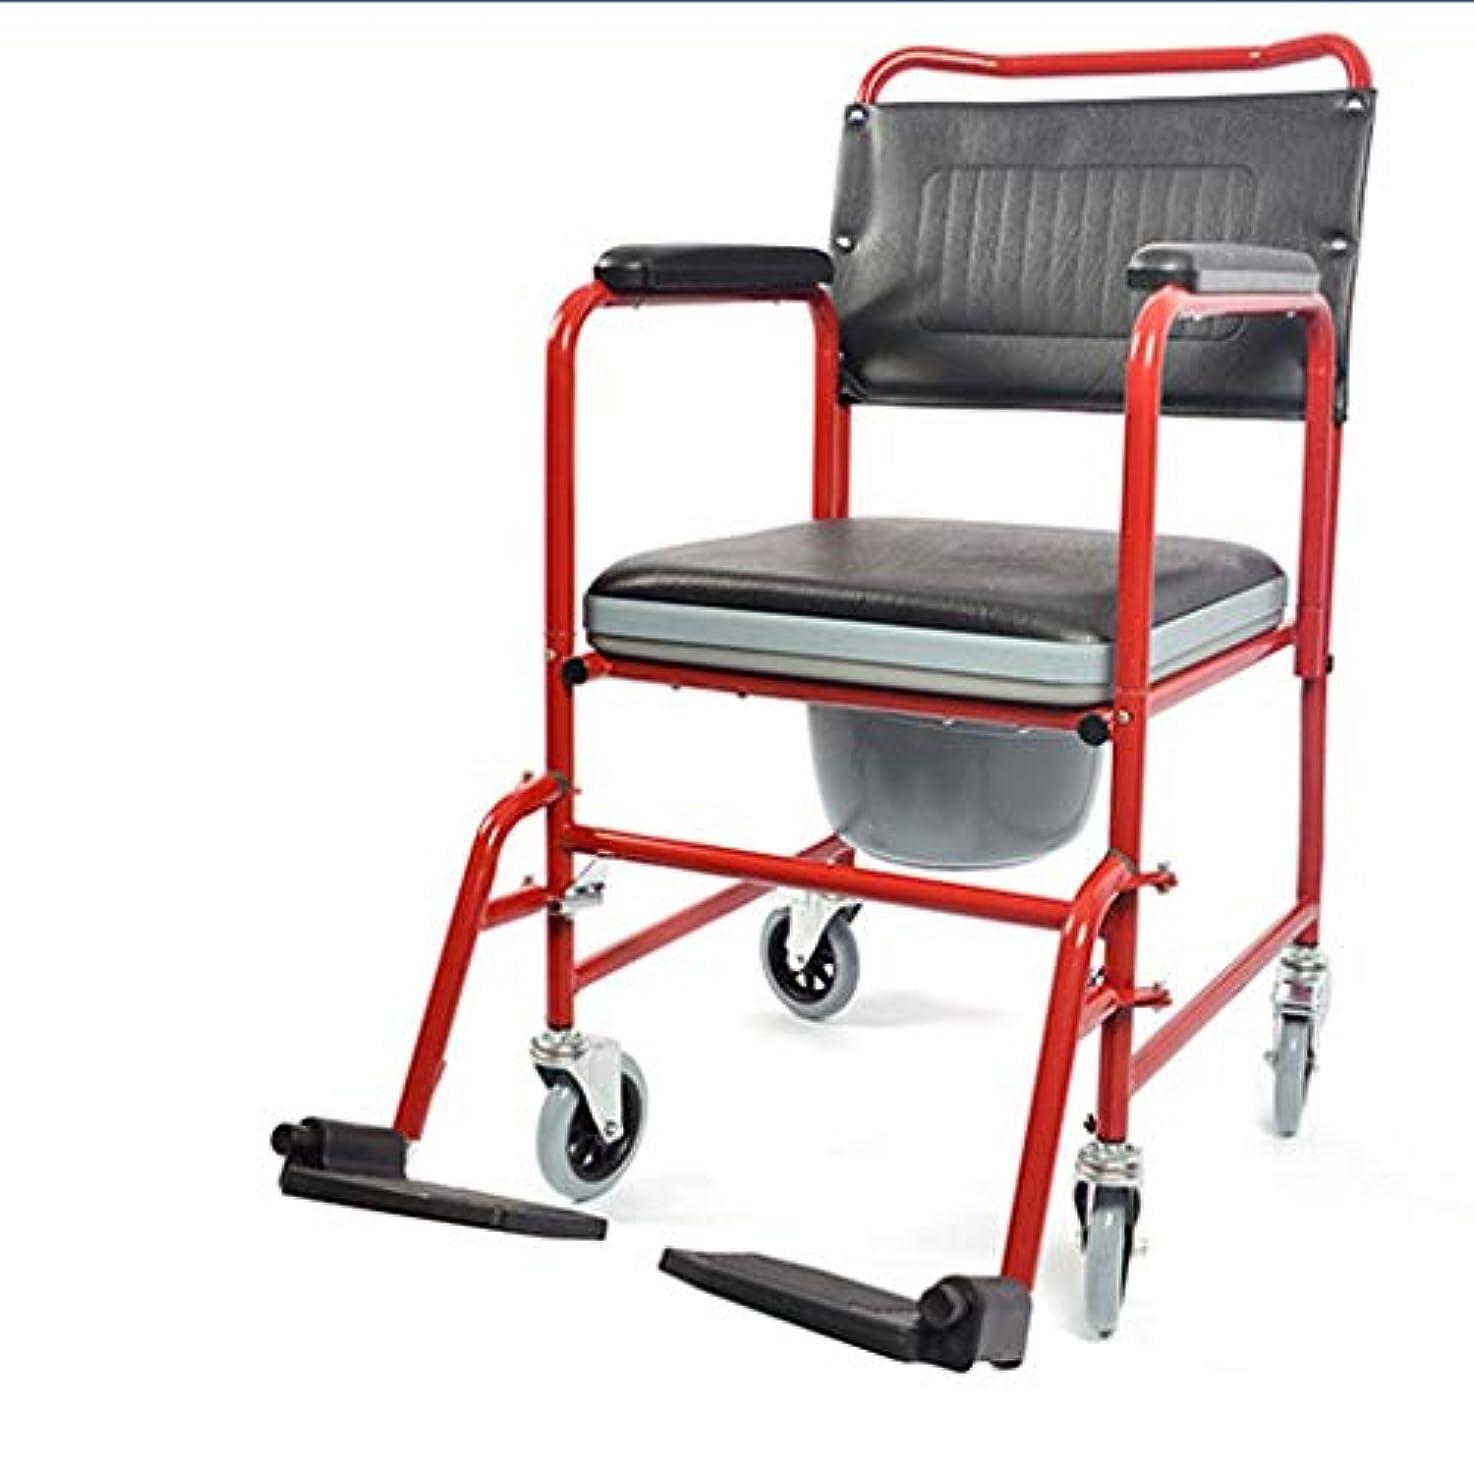 安全珍味揃えるバスルームのシャワーチェア、レインスツール、高齢者妊婦ポータブル多機能車椅子高齢者ポータブルカート